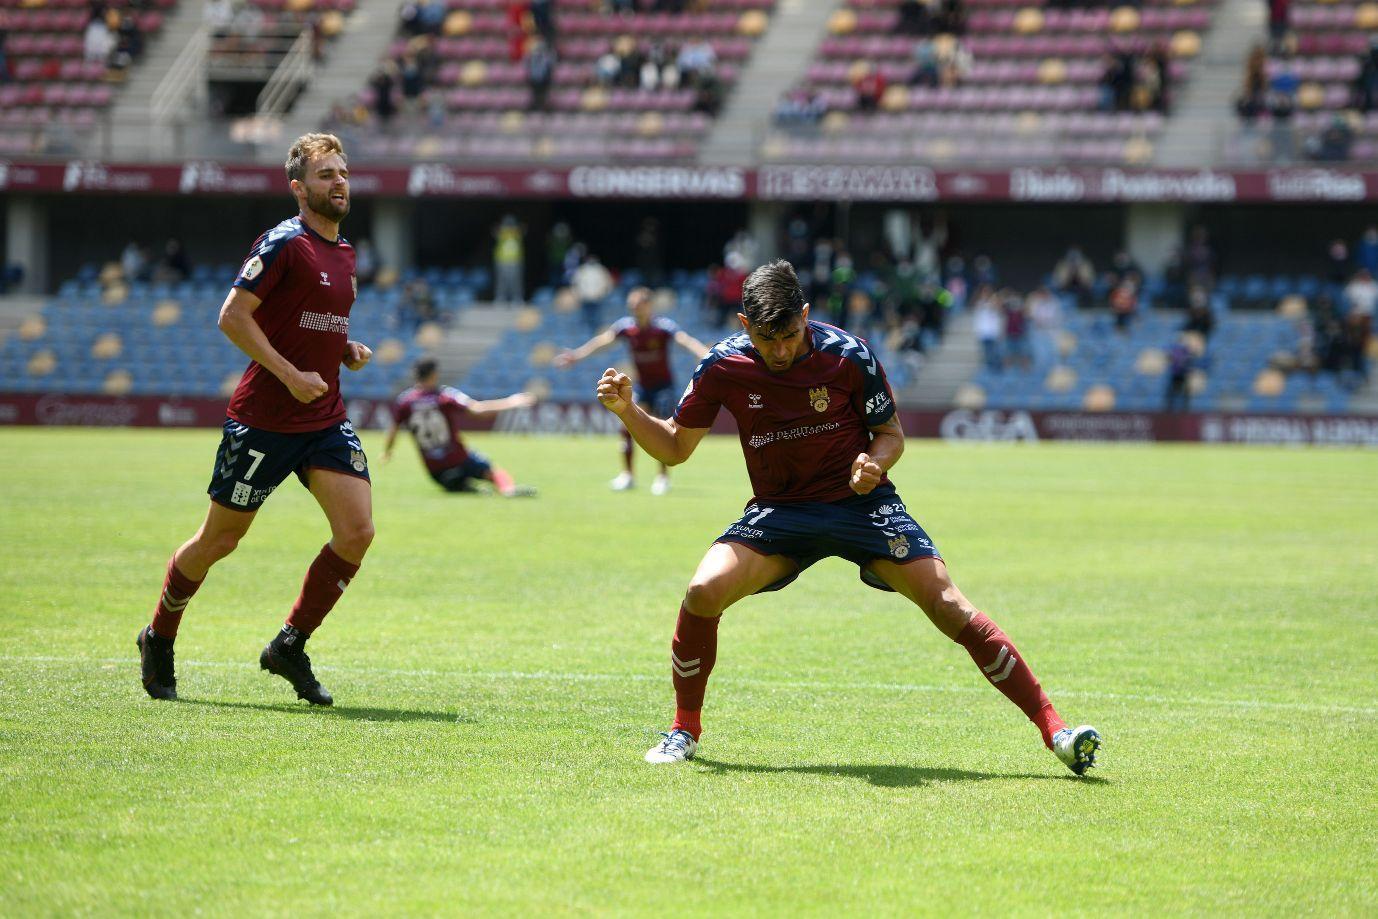 La emocionante permanencia del Pontevedra: goles y lágrimas en Pasarón